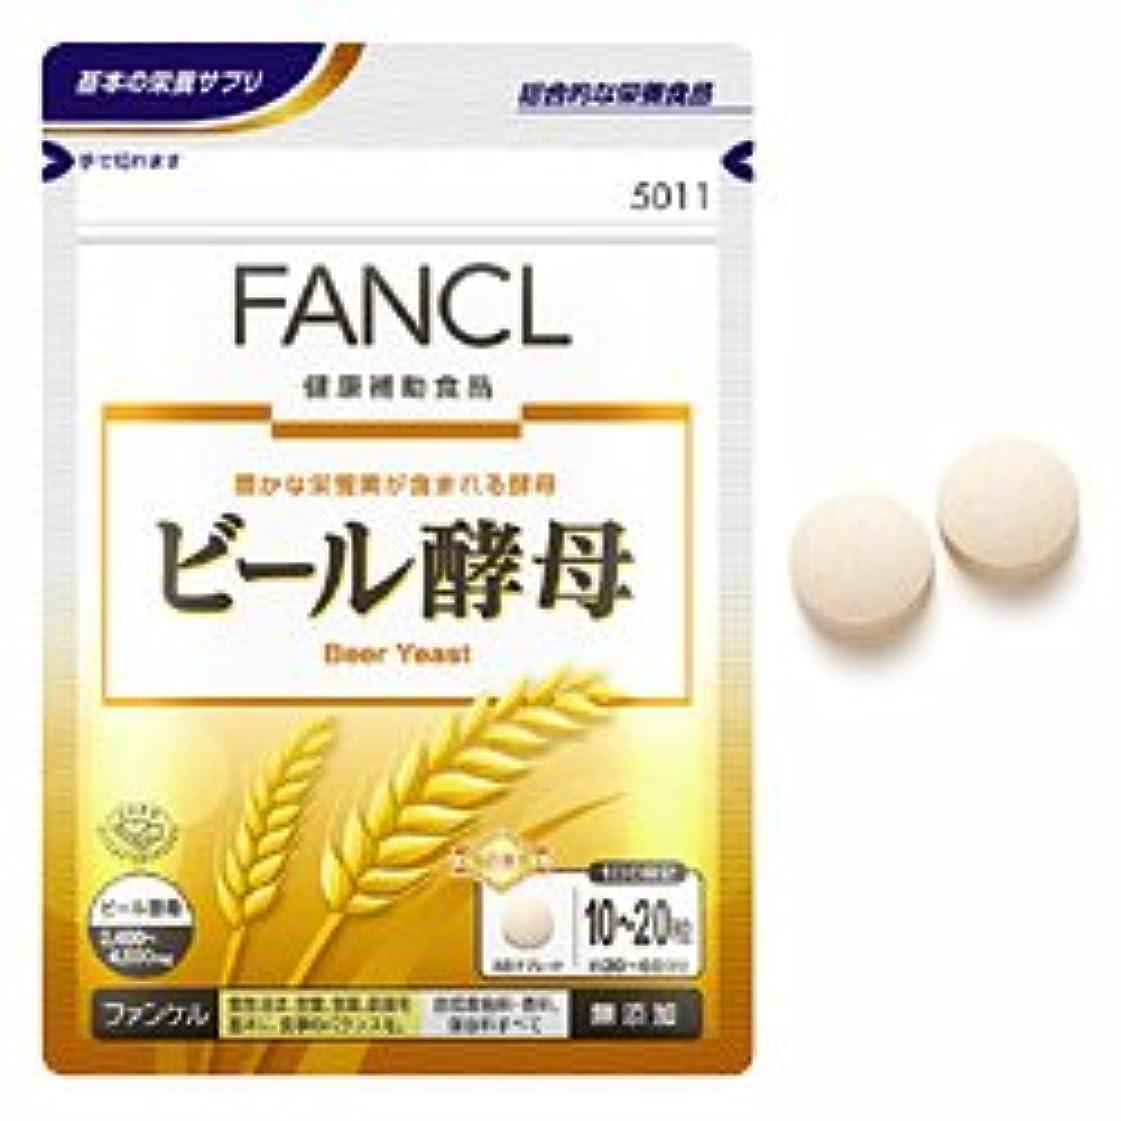 変換する最も遠いハンドブックファンケル FANCL ビール酵母 約90~180日分(徳用3袋セット)1袋(600粒)×3